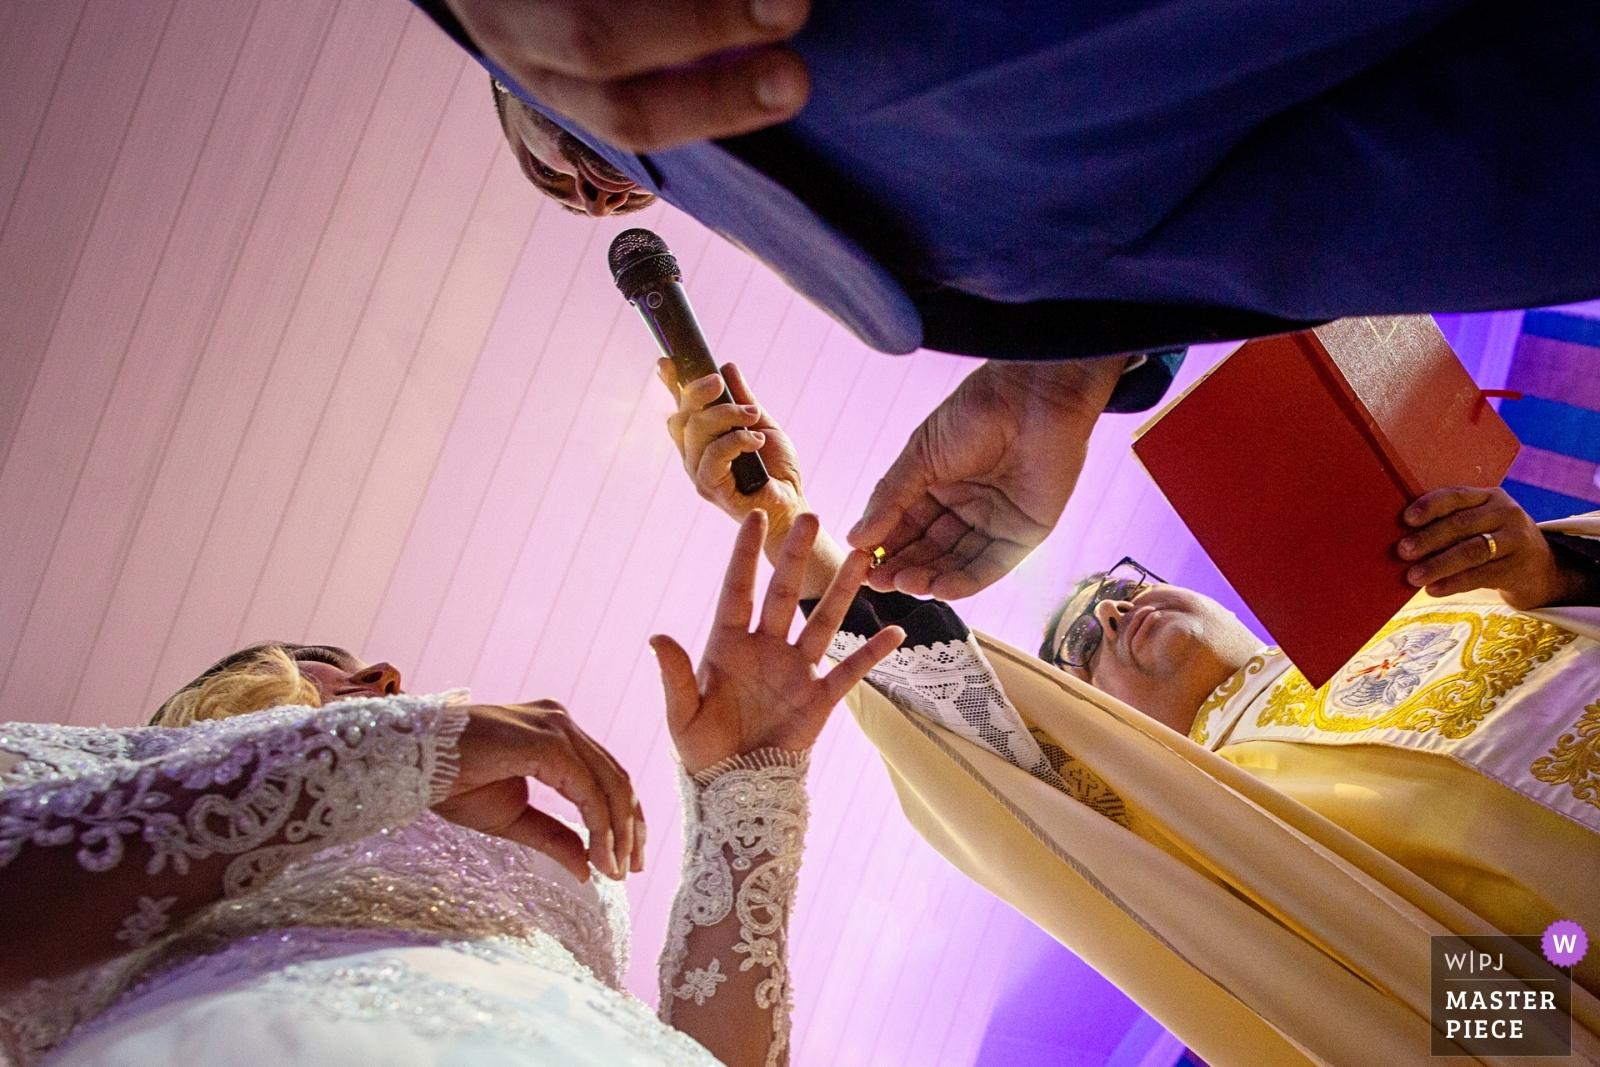 Pré-wedding Marina e Humberto - Goiás, Brazil Wedding Photography -  | Paróquia São Paulo Apóstolo